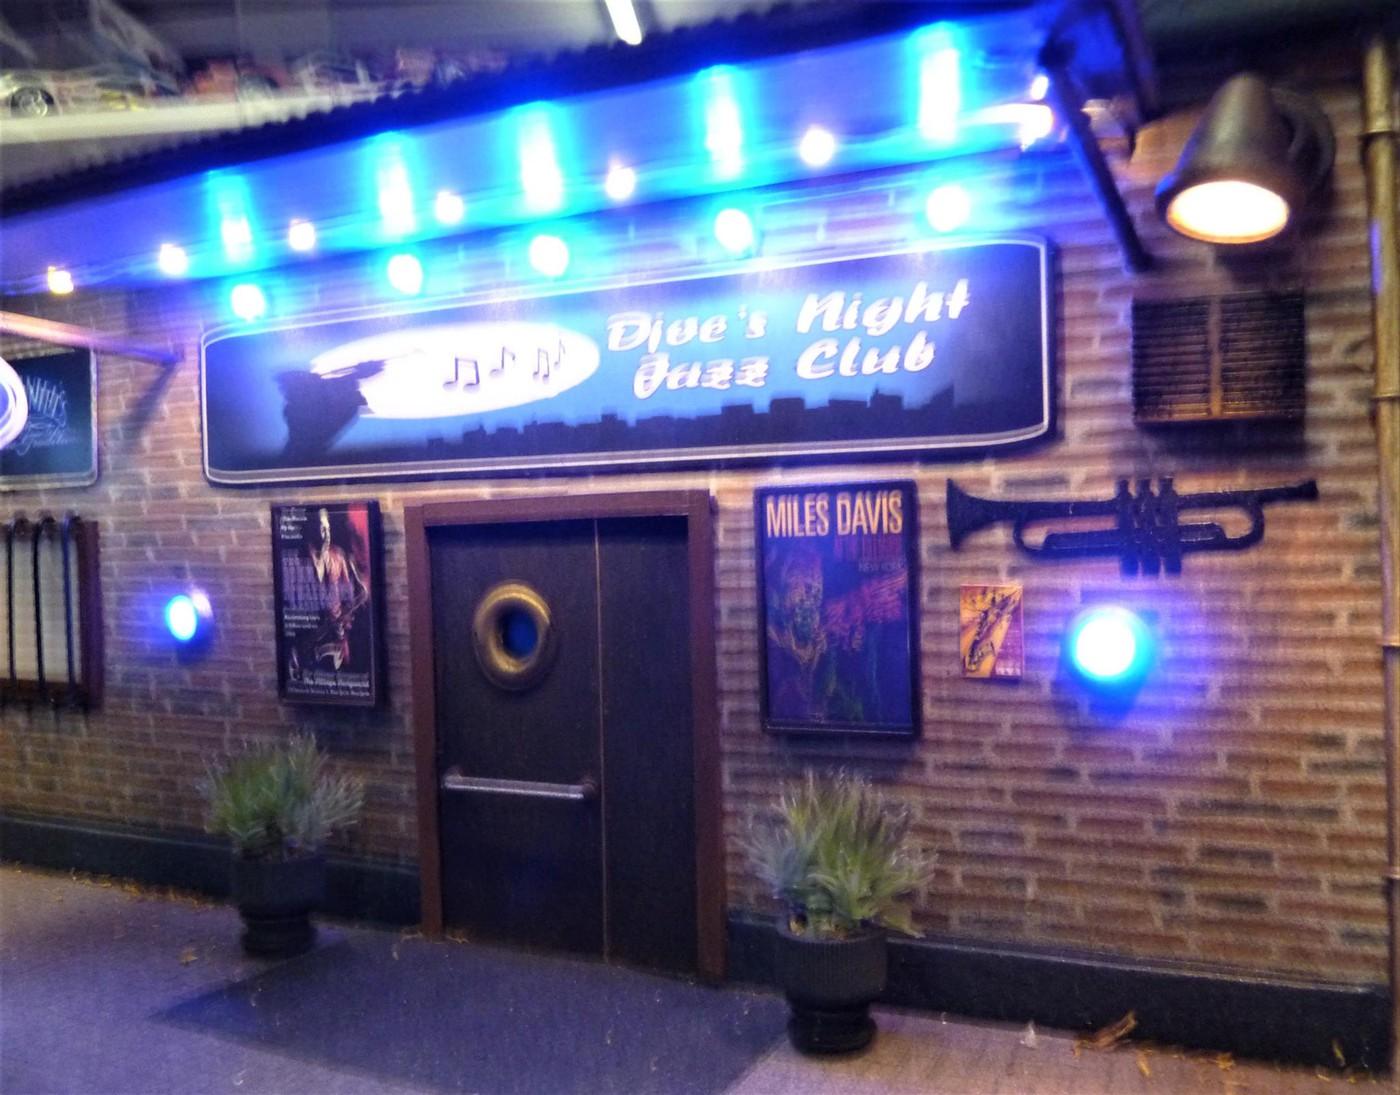 Djoe's Night Jazz Club  - Page 2 Photo59-vi